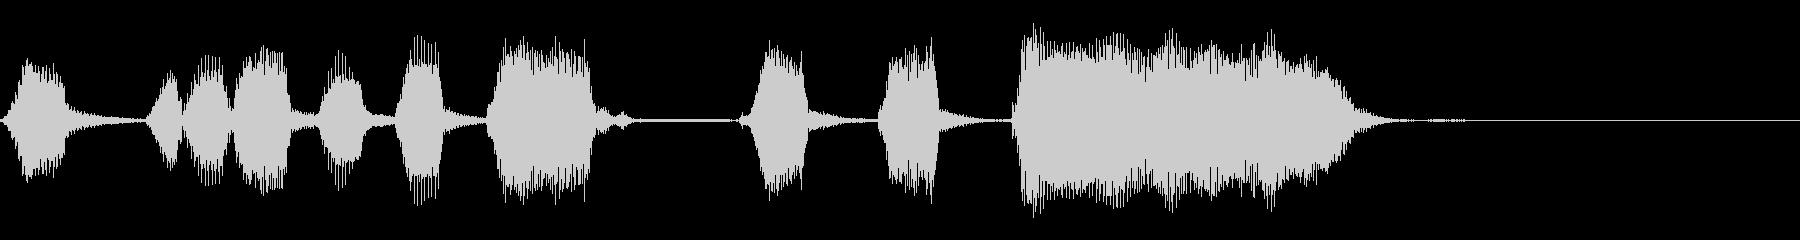 ハーモニカ:ショートファンファーア...の未再生の波形